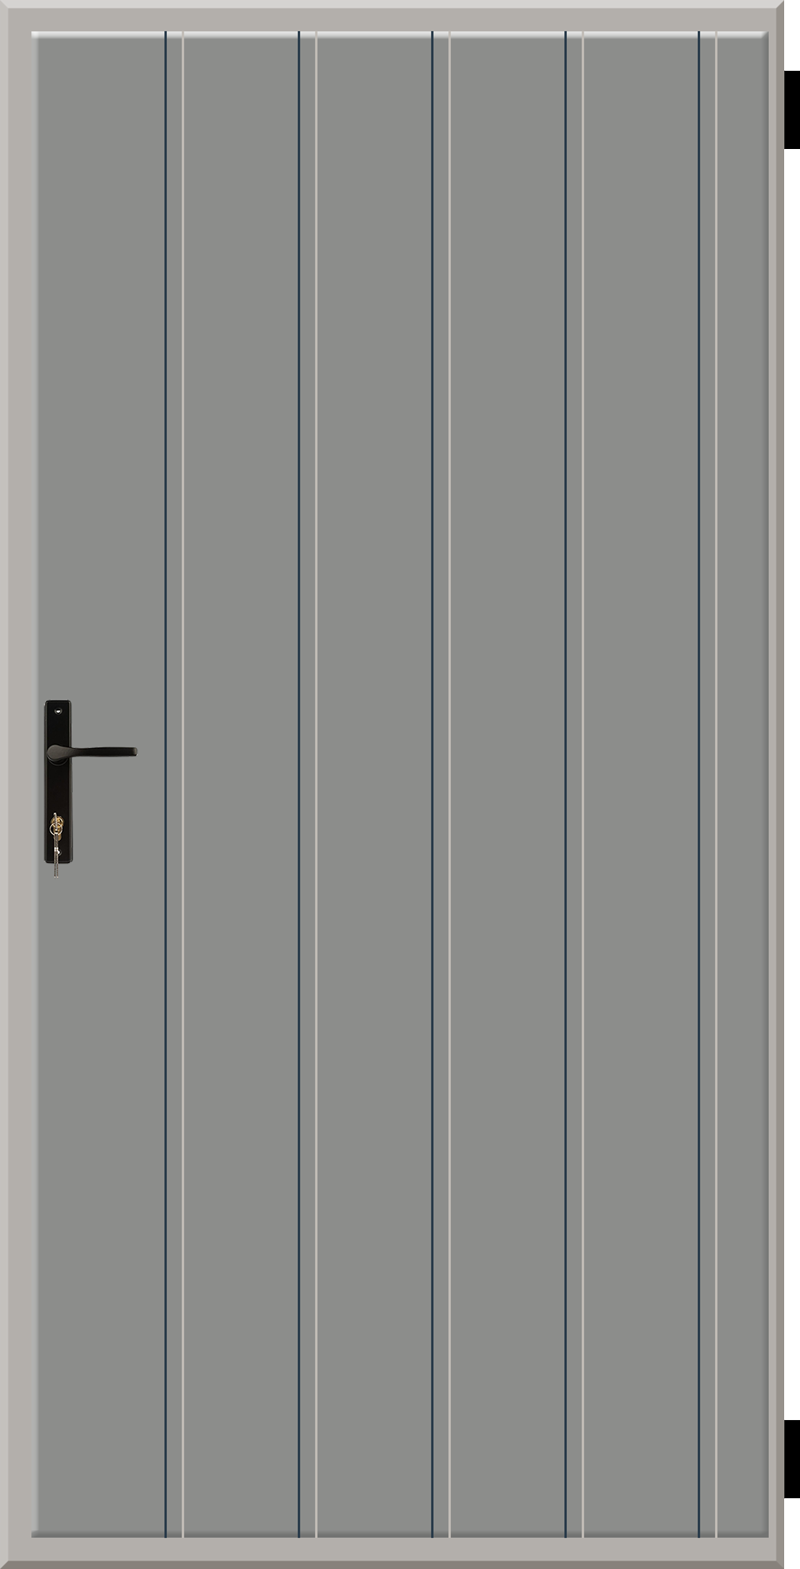 Tłoczenie pionowe co 13 cm